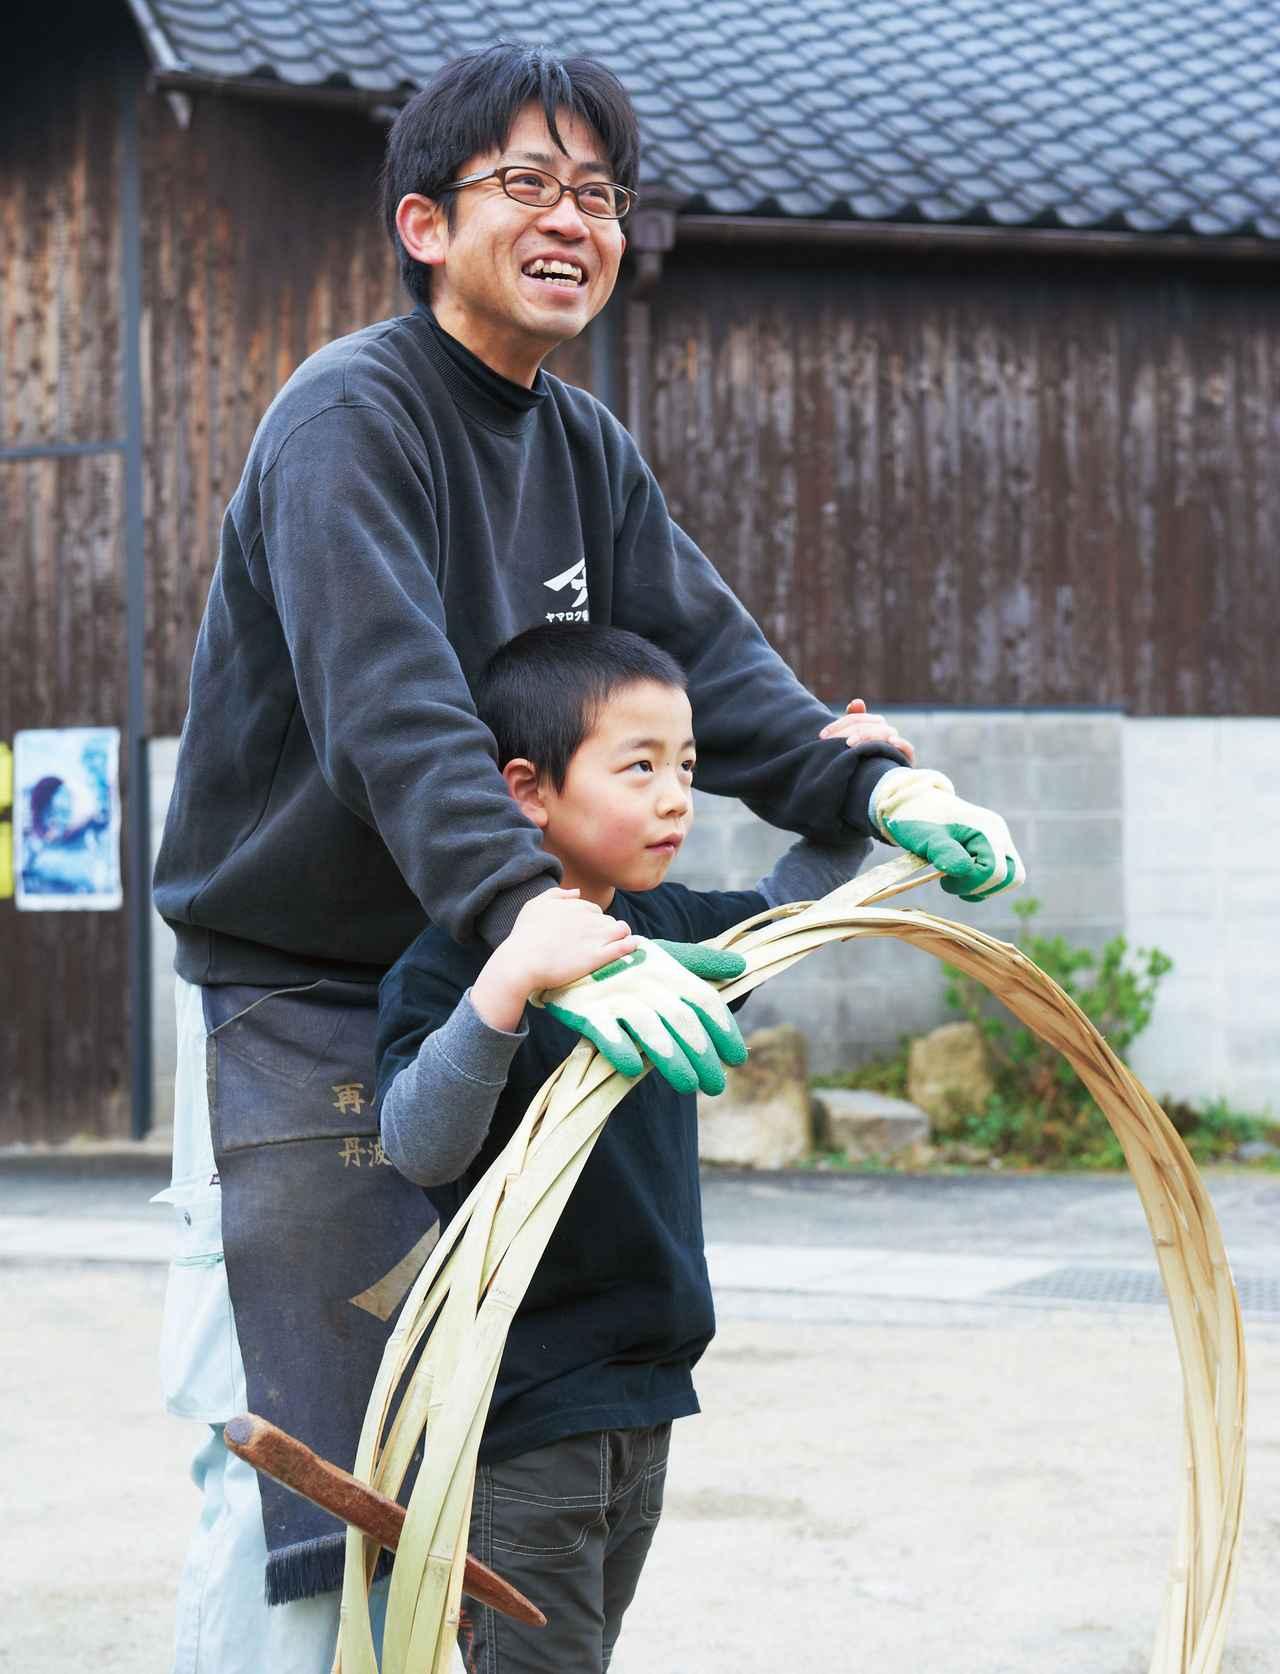 画像: 次男の康助くんと。「こいつが大人になり、孫の代になるころには、新桶がいい働きをするはず」と山本さん